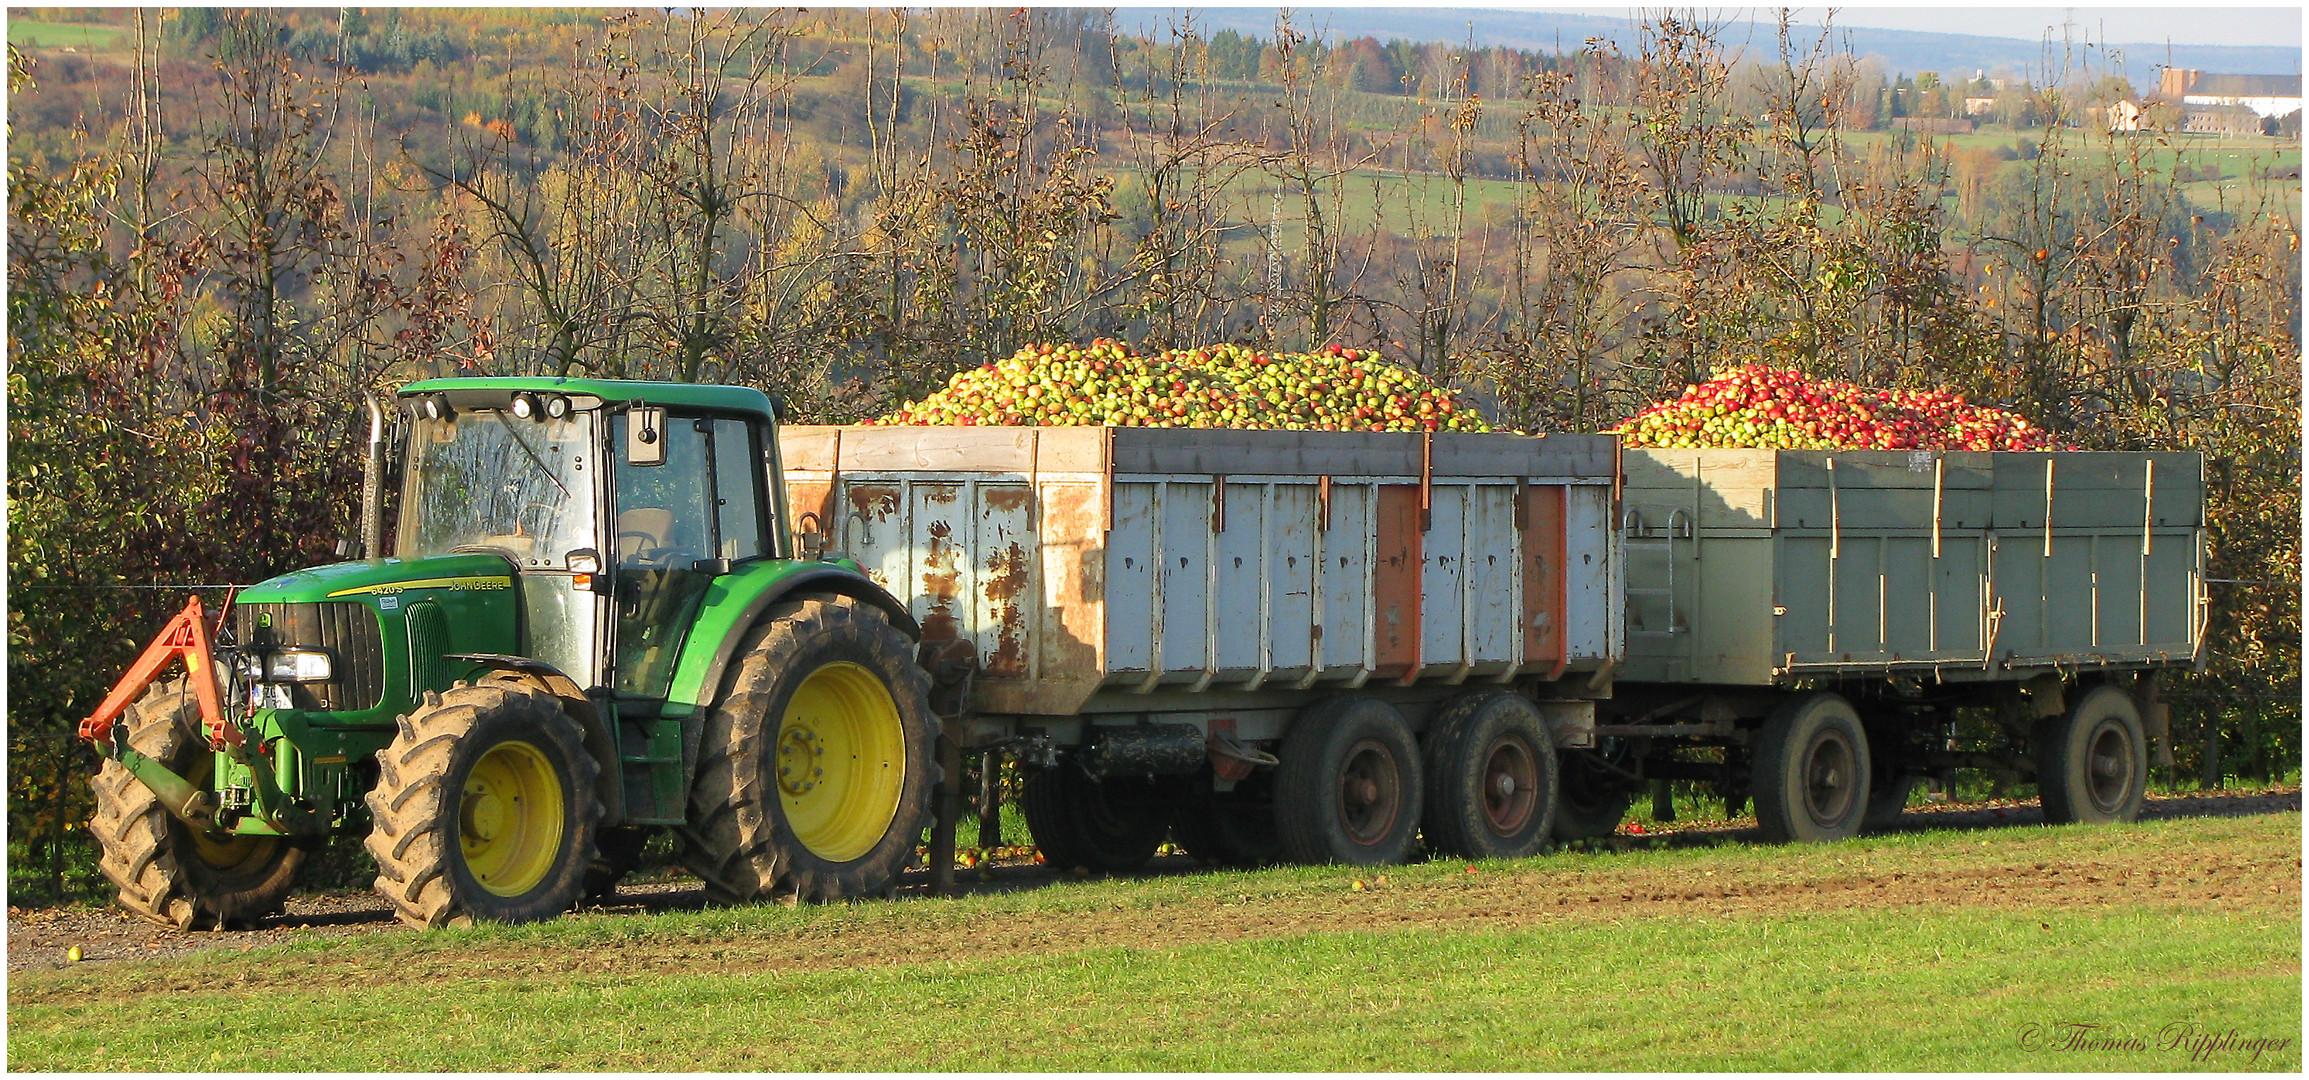 Noch mal eine Ladung für Apfelsaft...